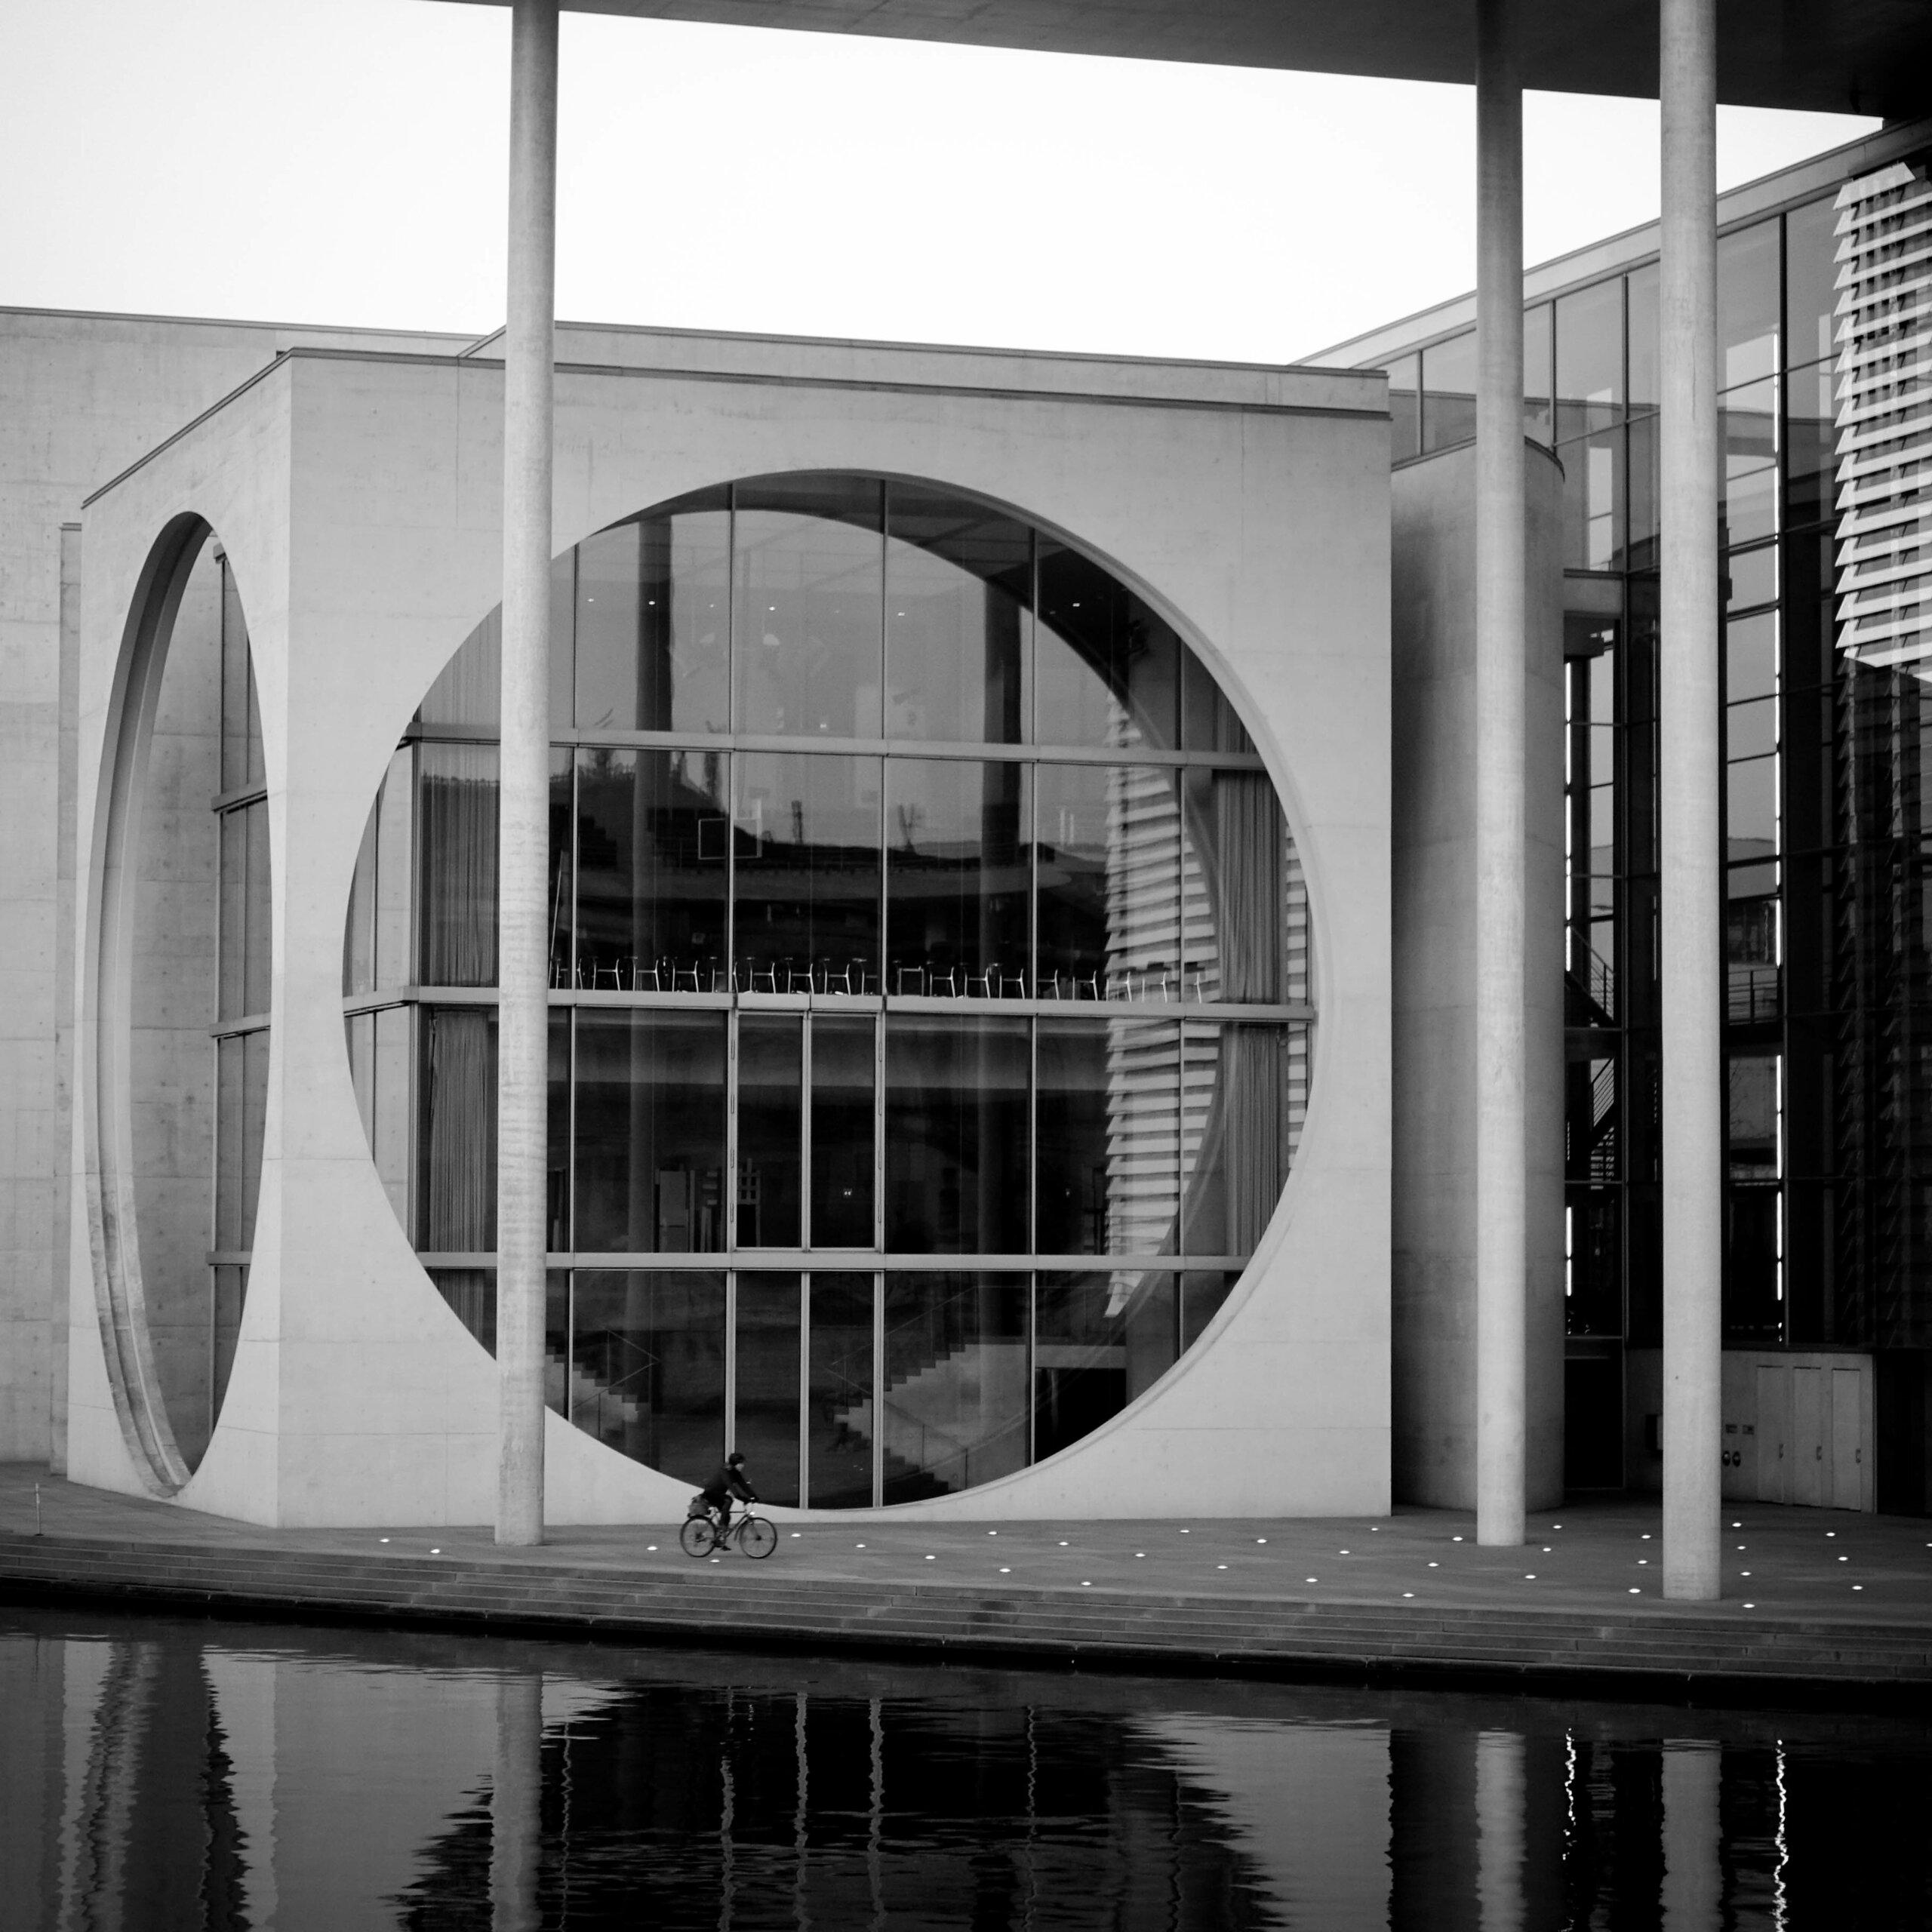 Spree, Paul-Löbe-Haus, Berlin